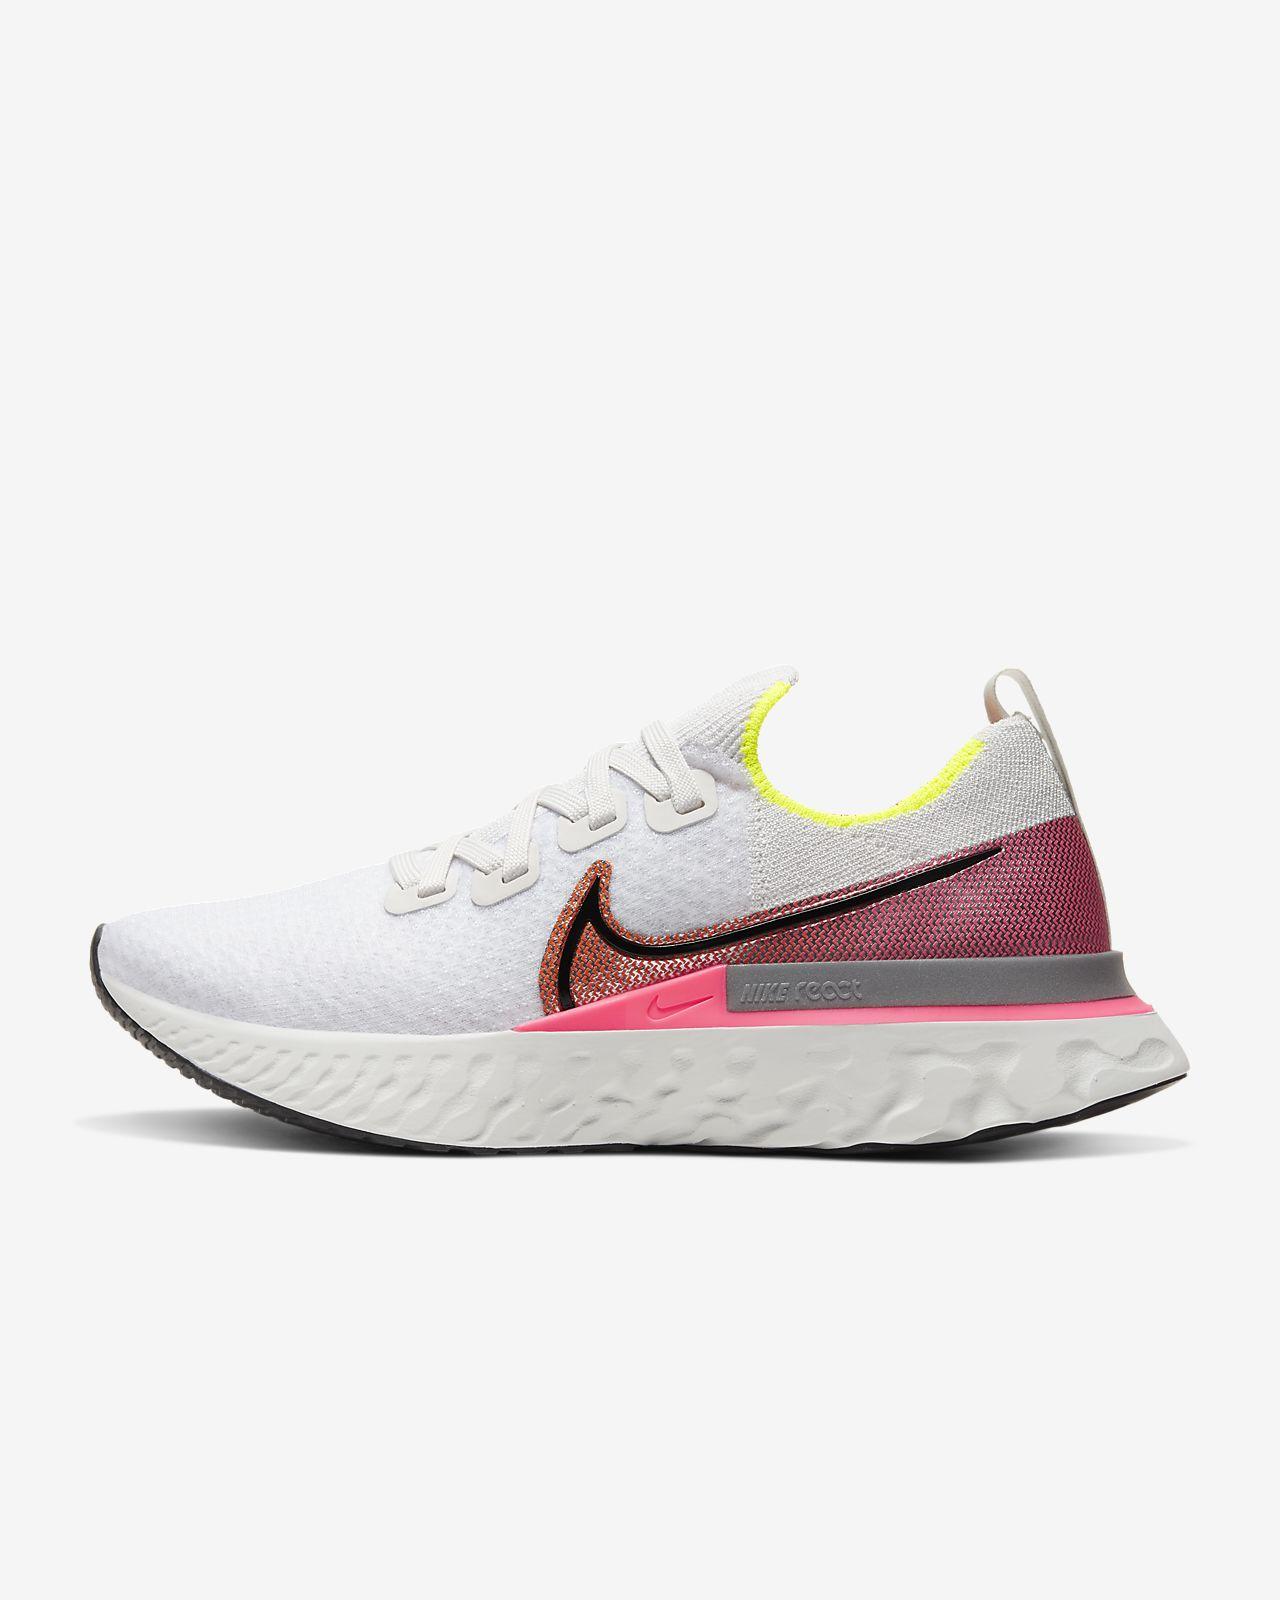 Löparsko Nike React Infinity Run Flyknit för kvinnor